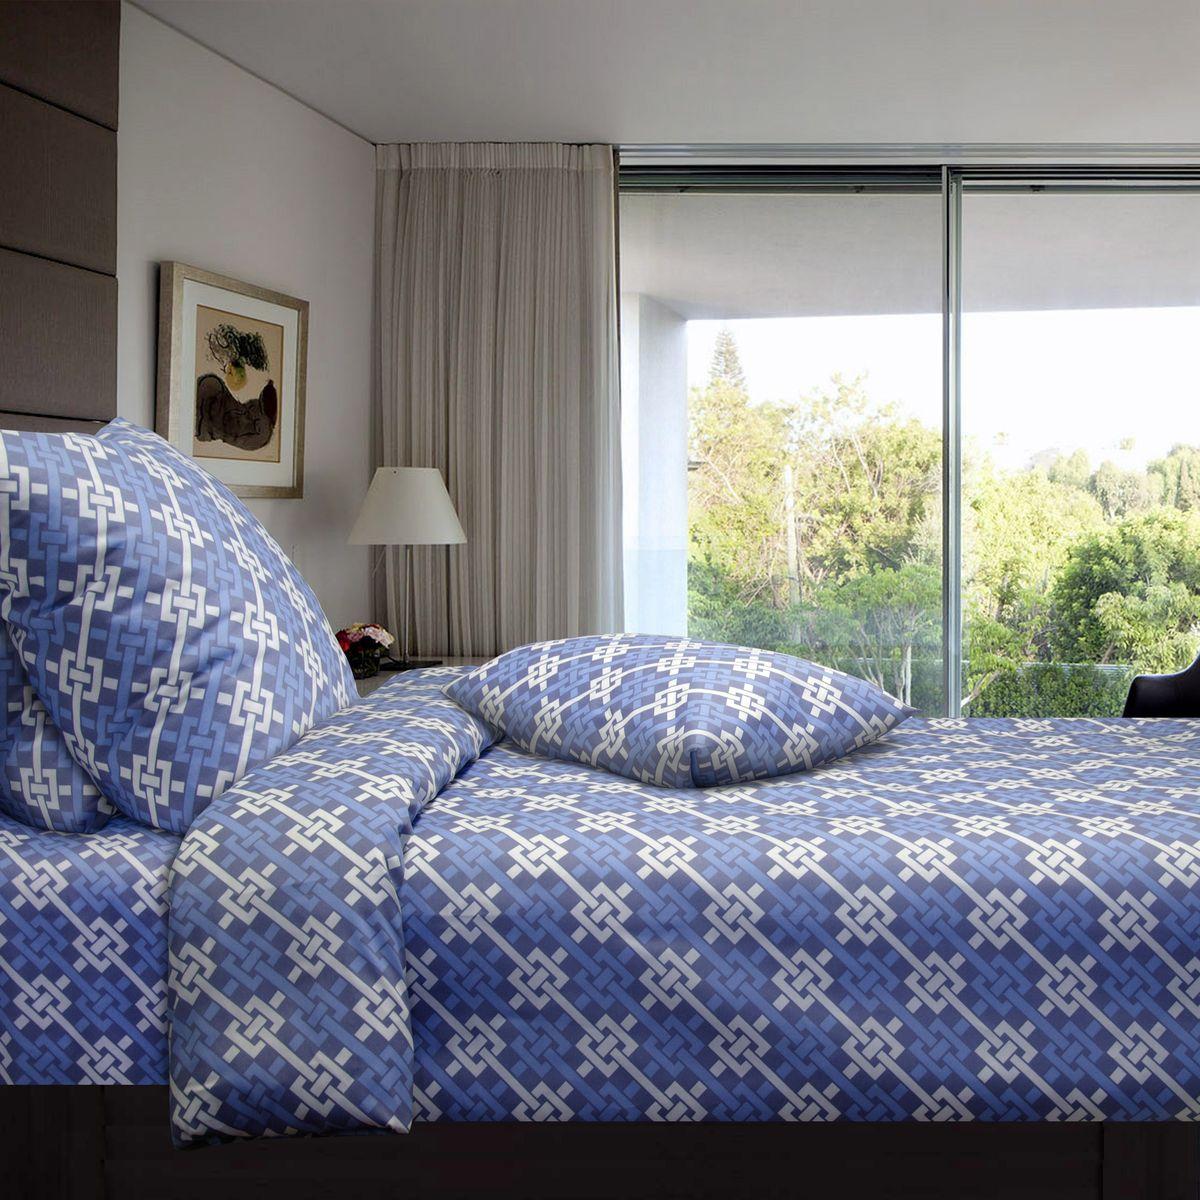 Комплект белья Коллекция Синева, 2-спальный, наволочки 70x70. СП2/70/ОЗ/синеваСП2/70/ОЗ/синева